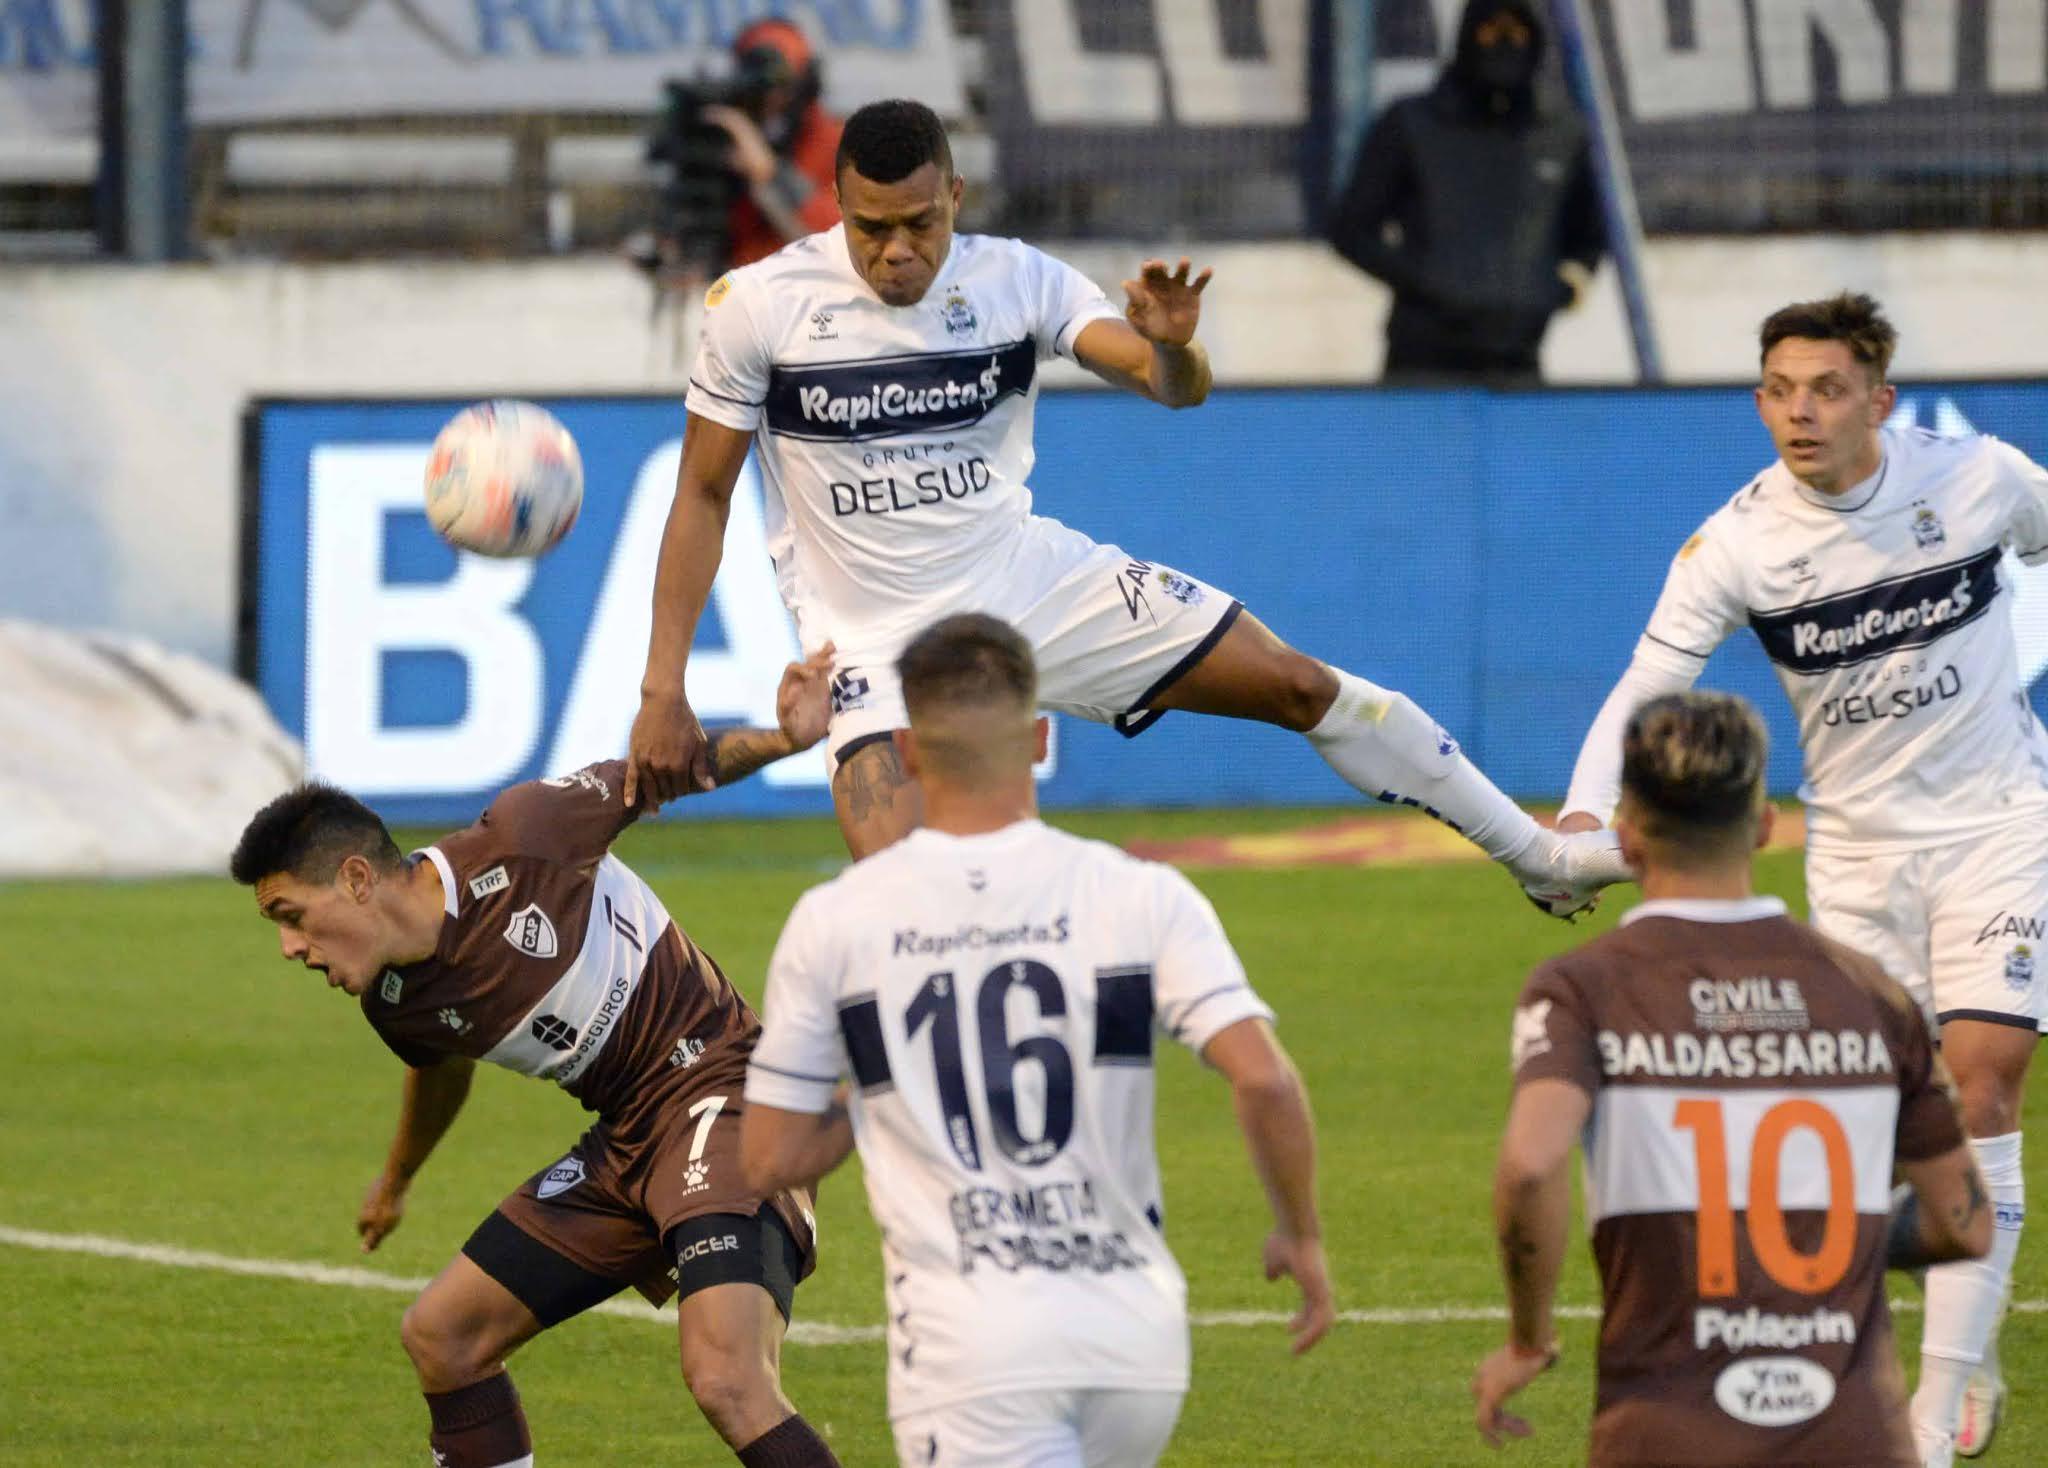 Gimnasia reaccionó y rescató un empate en el Bosque ante Platense